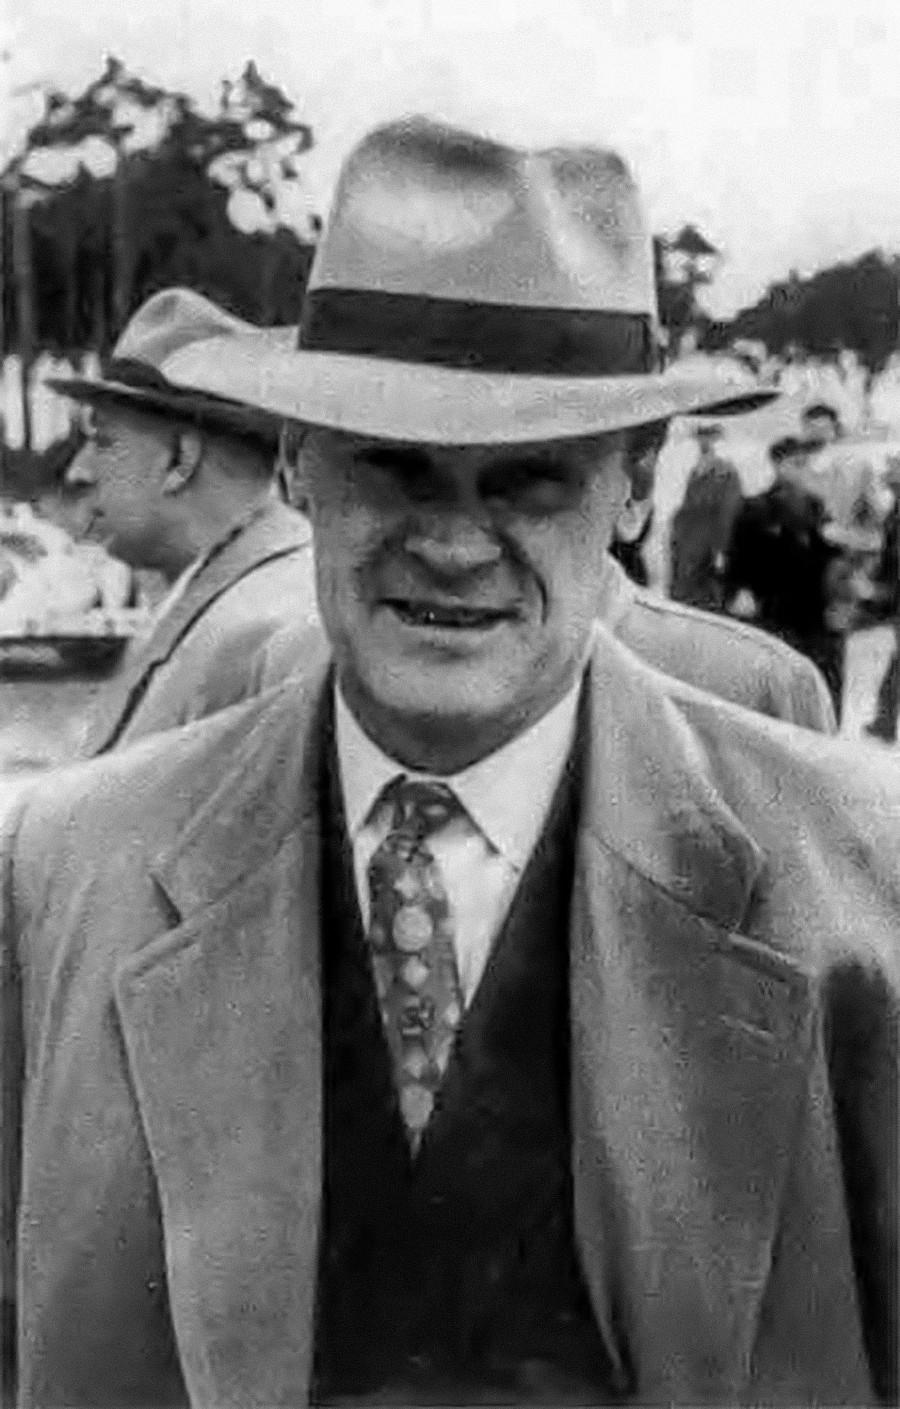 Александър Коротков в последната година от живота си - 1961